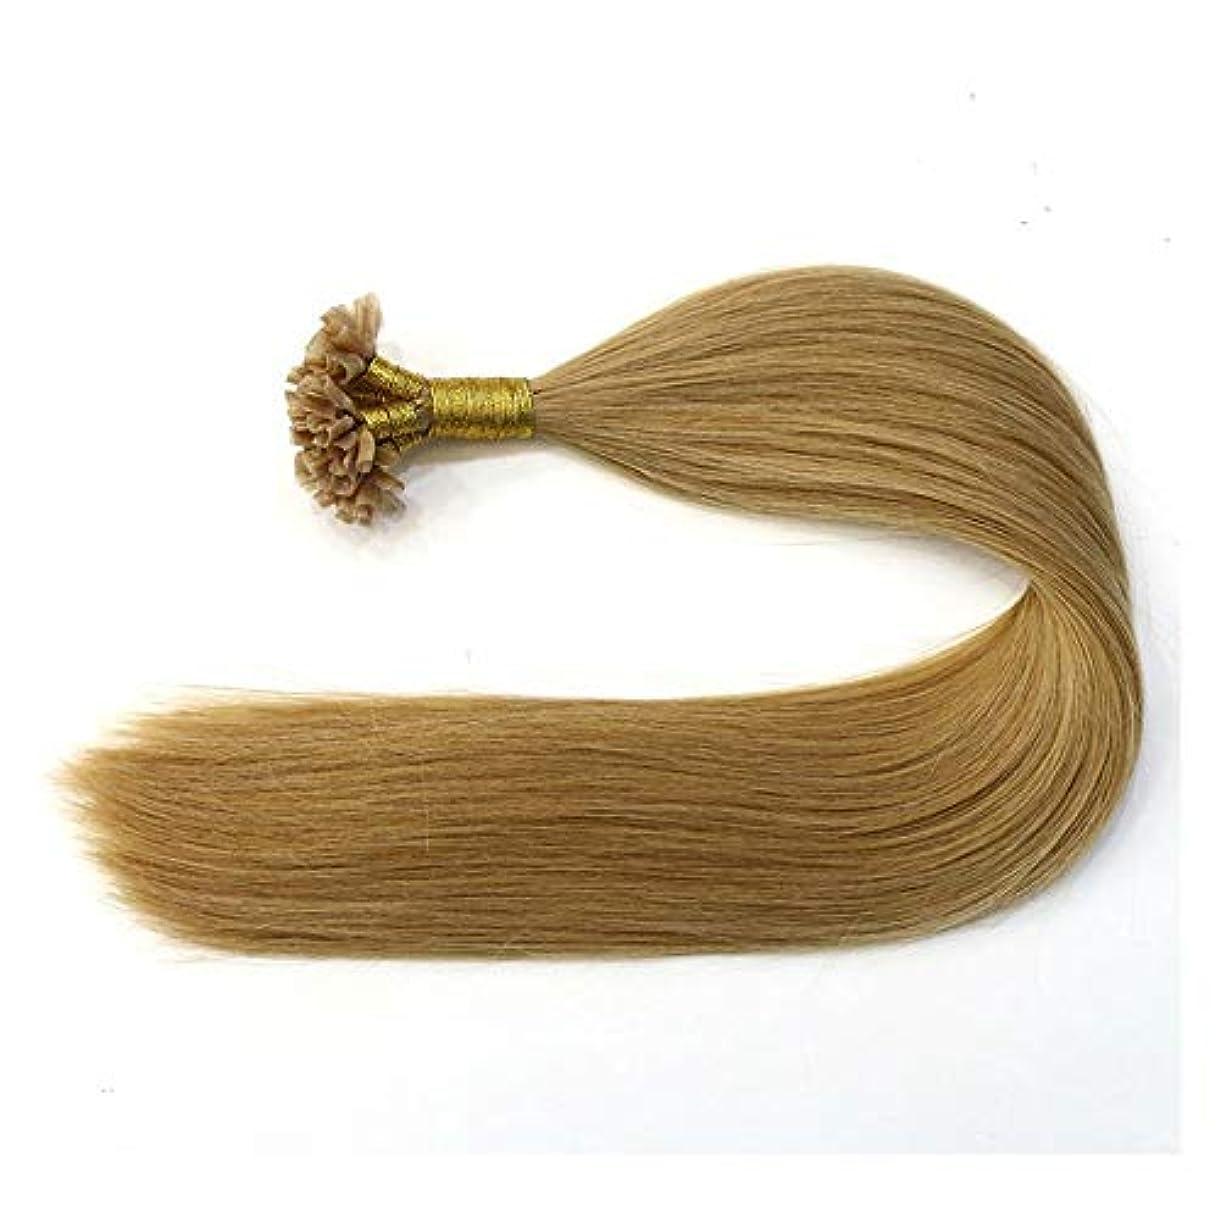 であるうつ放牧するJULYTER 100%本物の人間の髪の毛のナノリングヘアエクステンションブラウン100G /パックサテンストレートヘアエクステンションネイルチップヘア (色 : Photo color, サイズ : 18 inch)